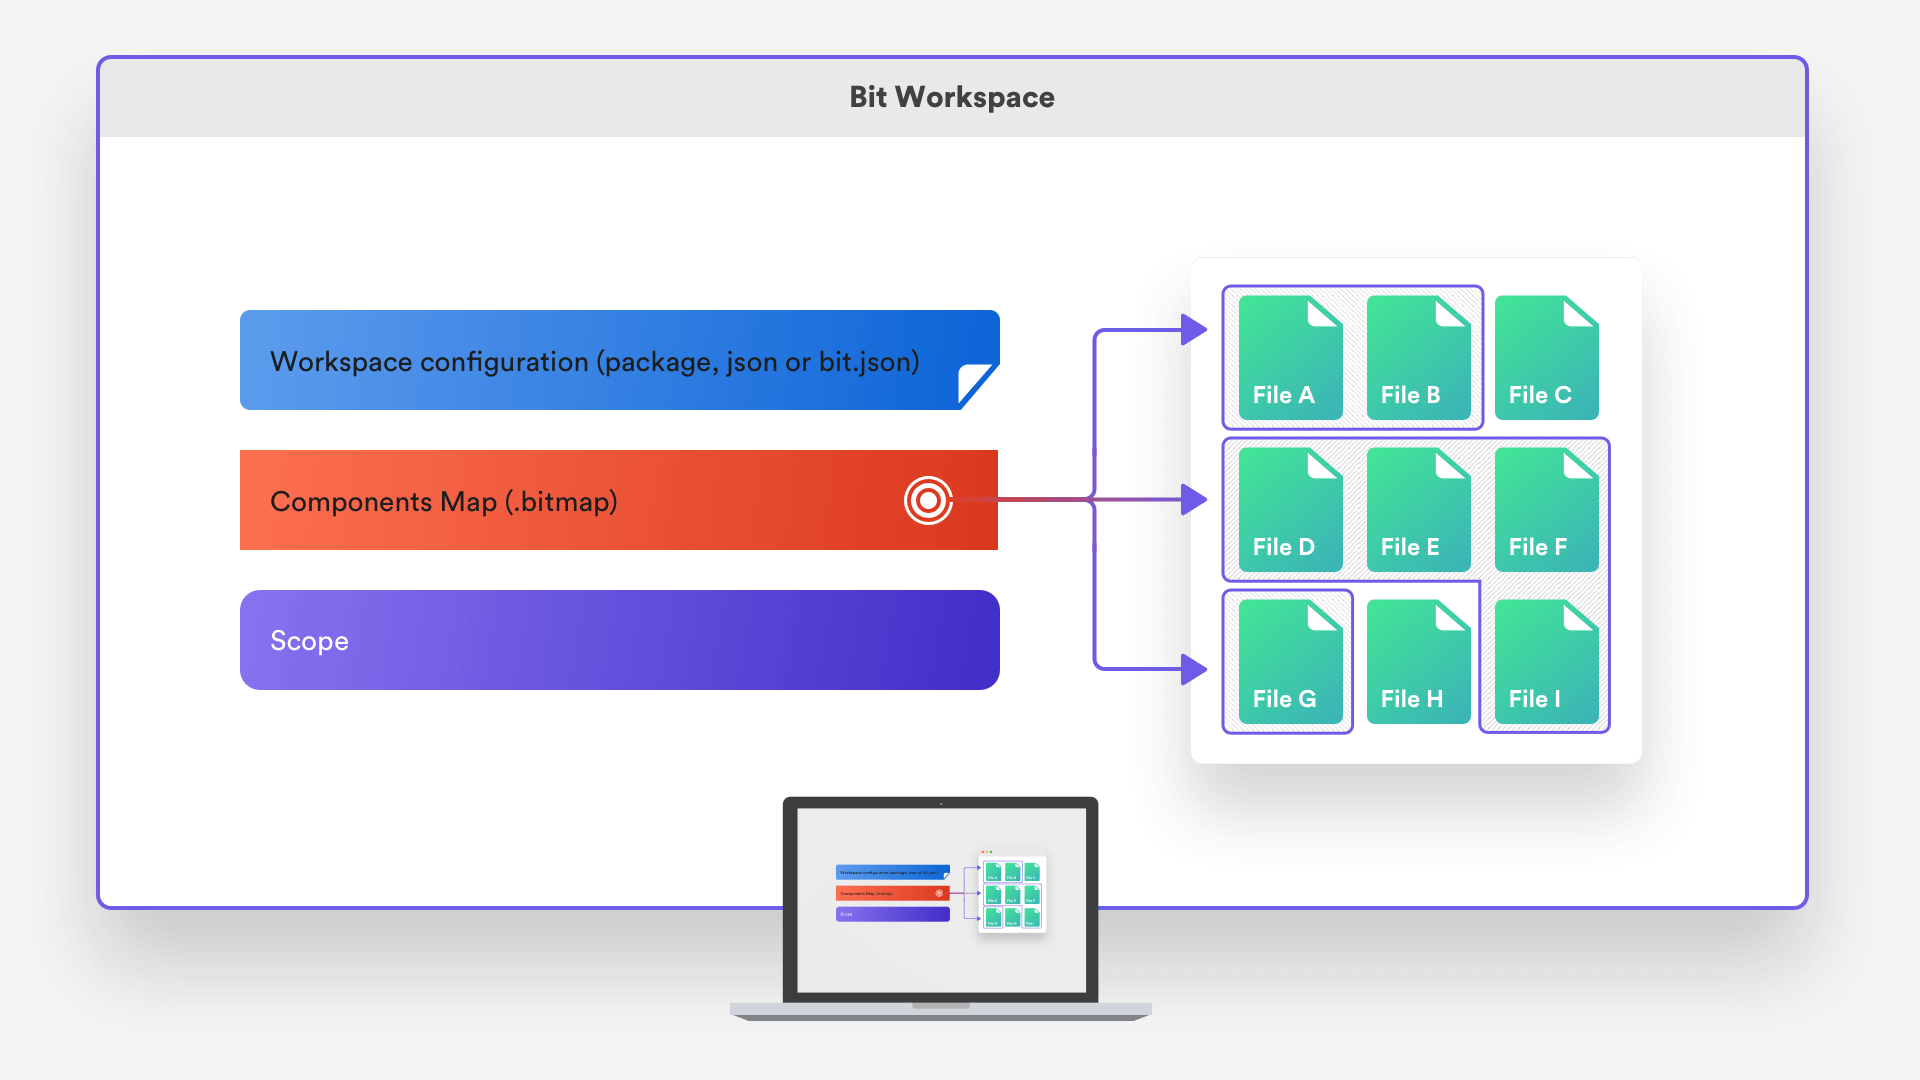 Bit Workspace